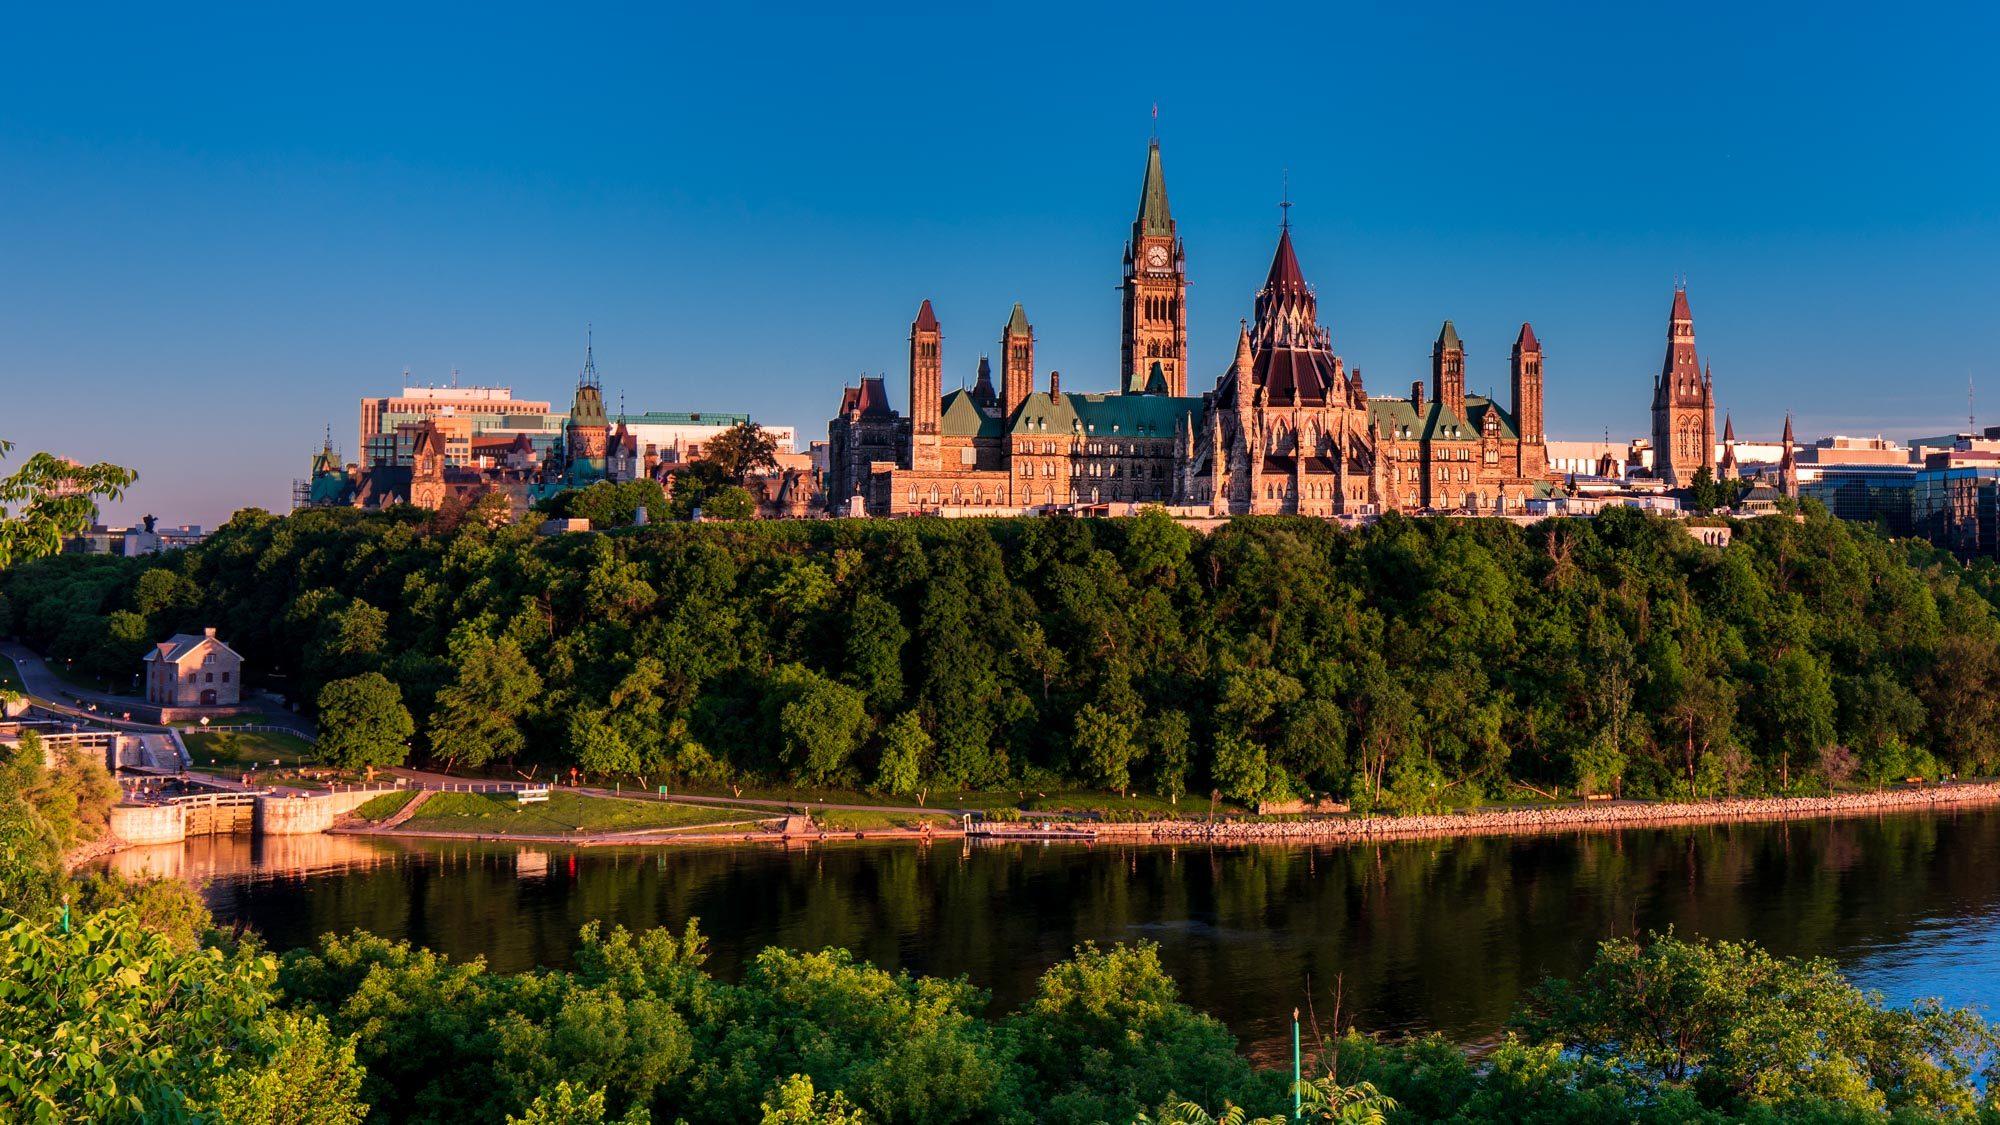 Foto der Parliament Hills in Ottawa bei Abendsonne.